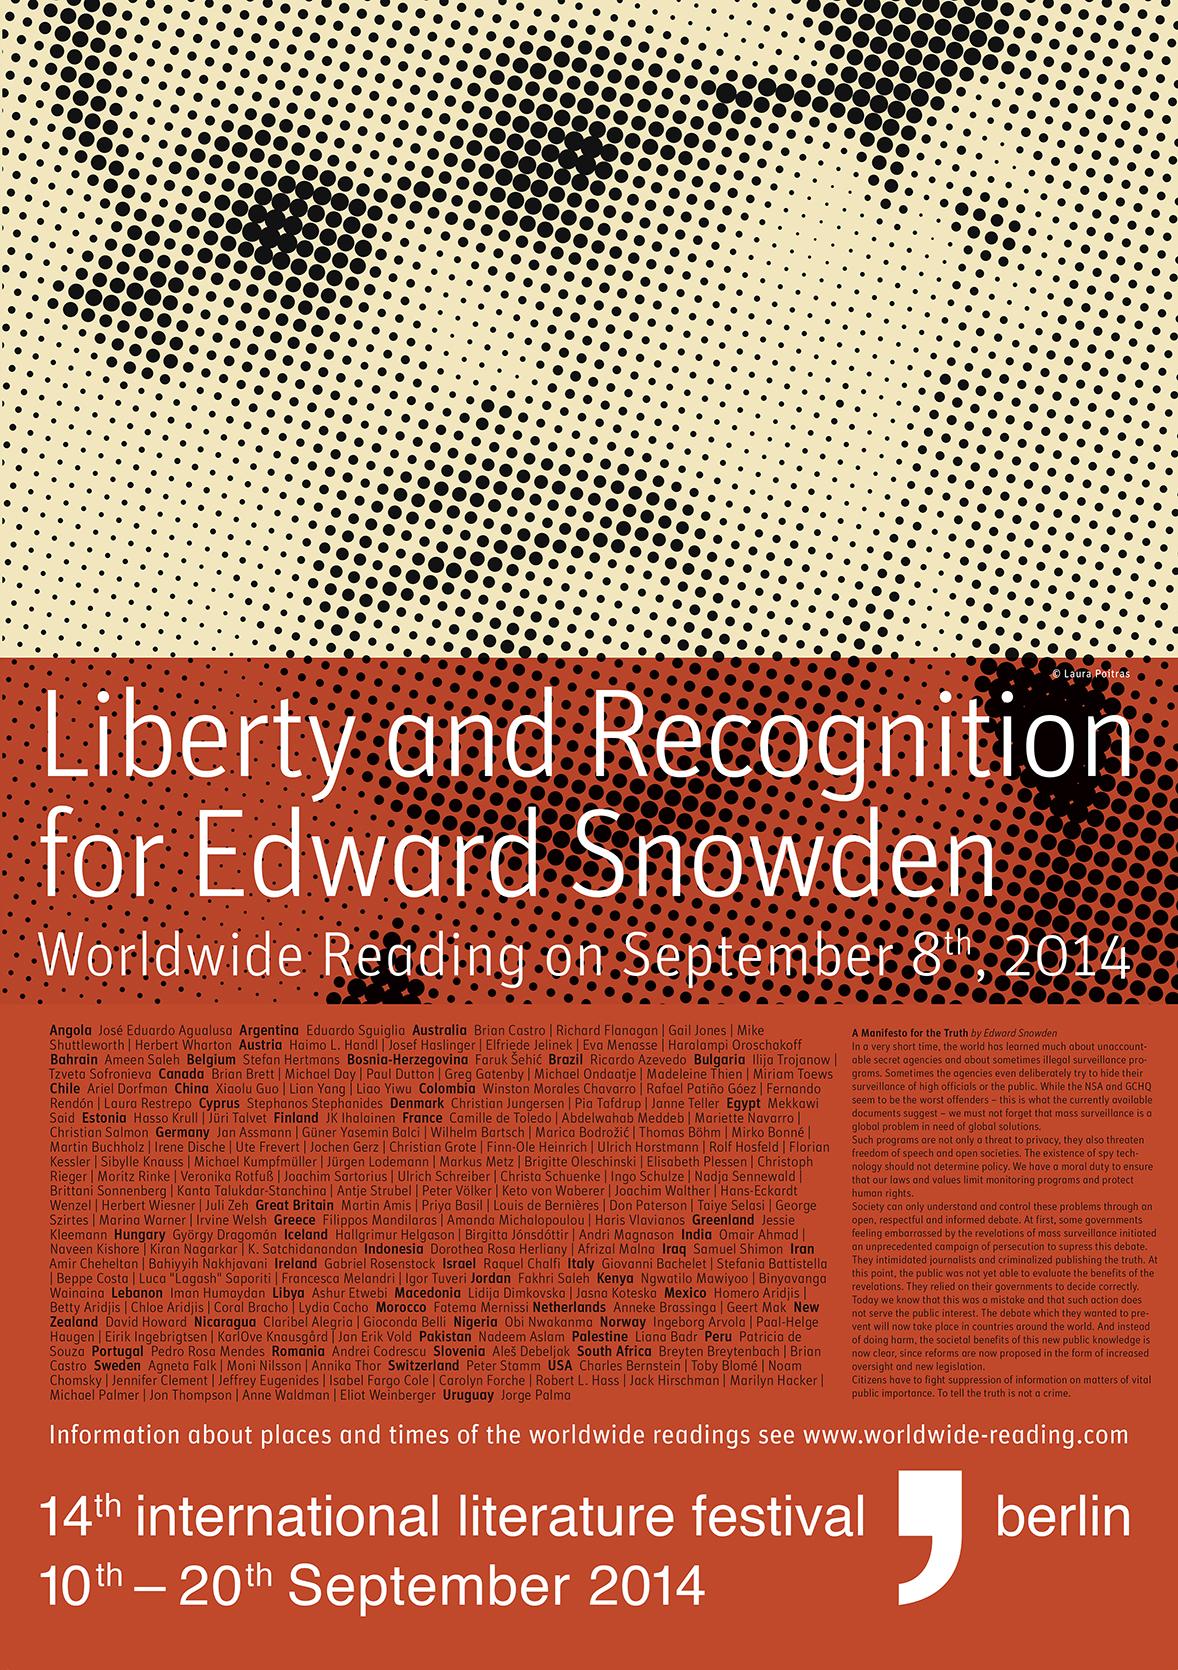 ILB_14_0002_Plakata_Snowden_V5_1108_print.indd